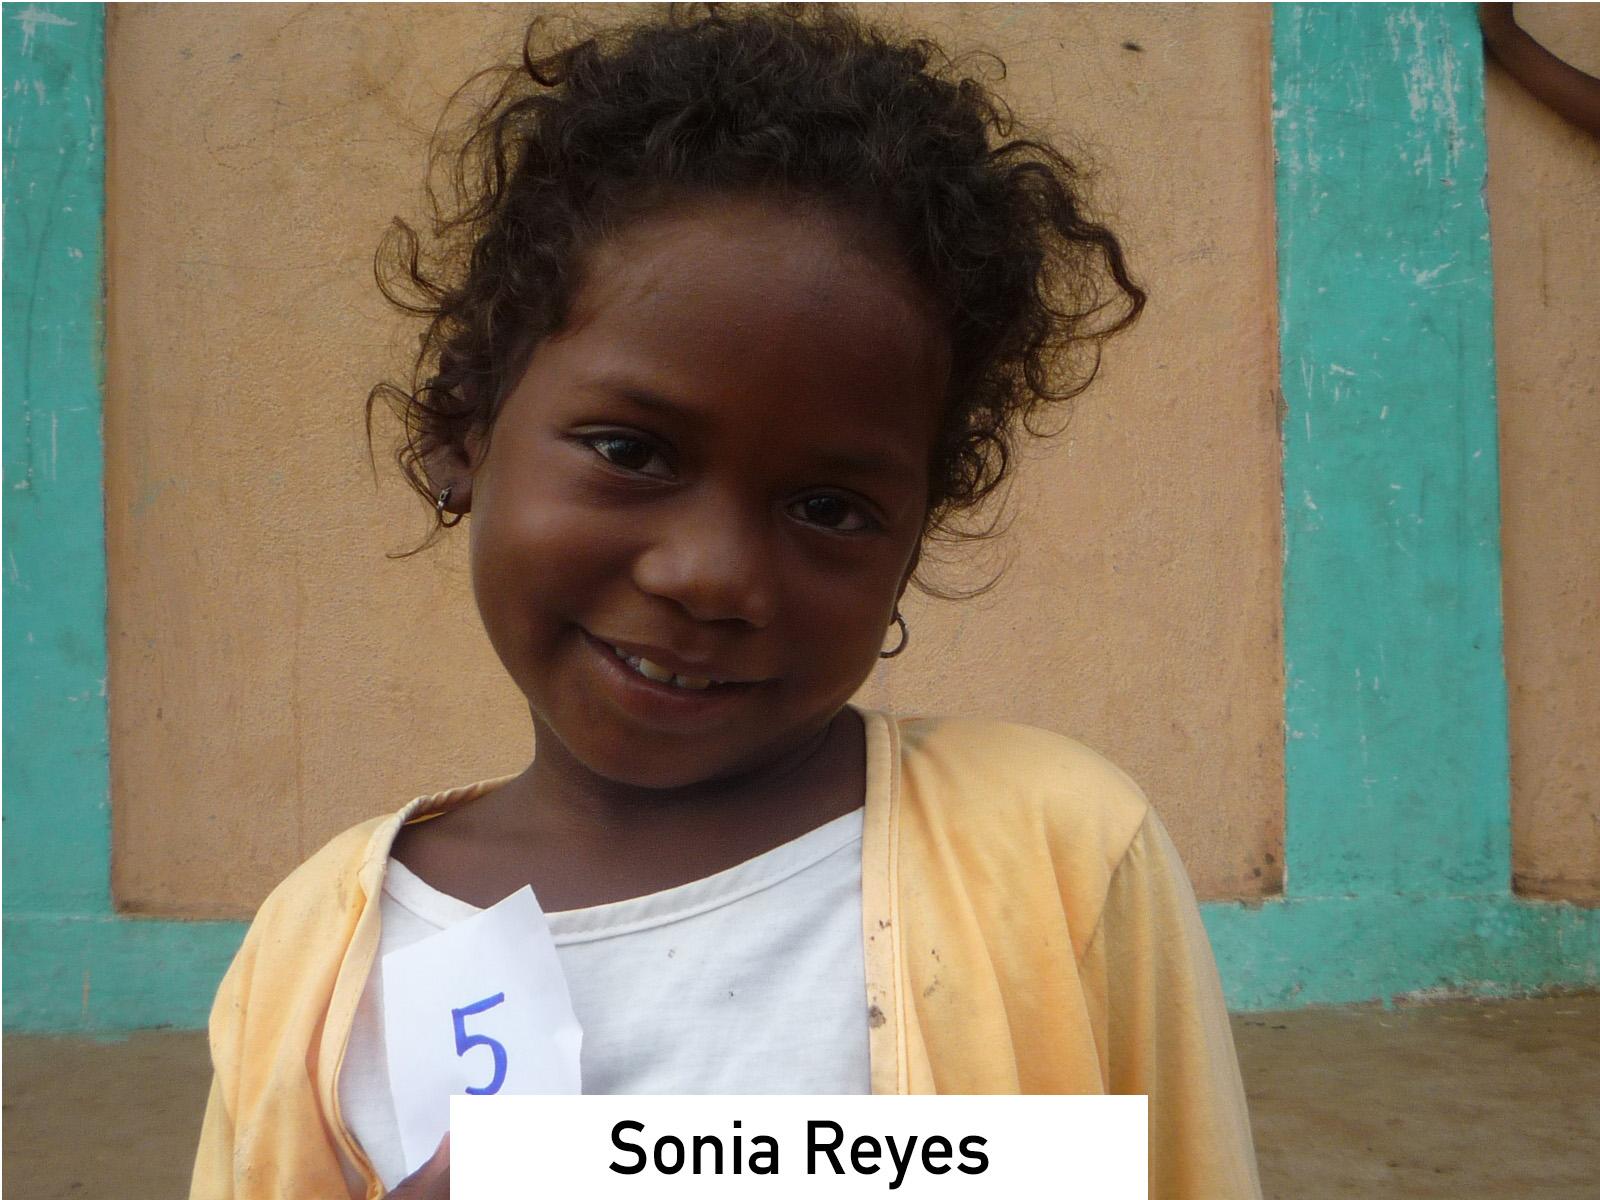 005 - Sonia Reyes.jpg